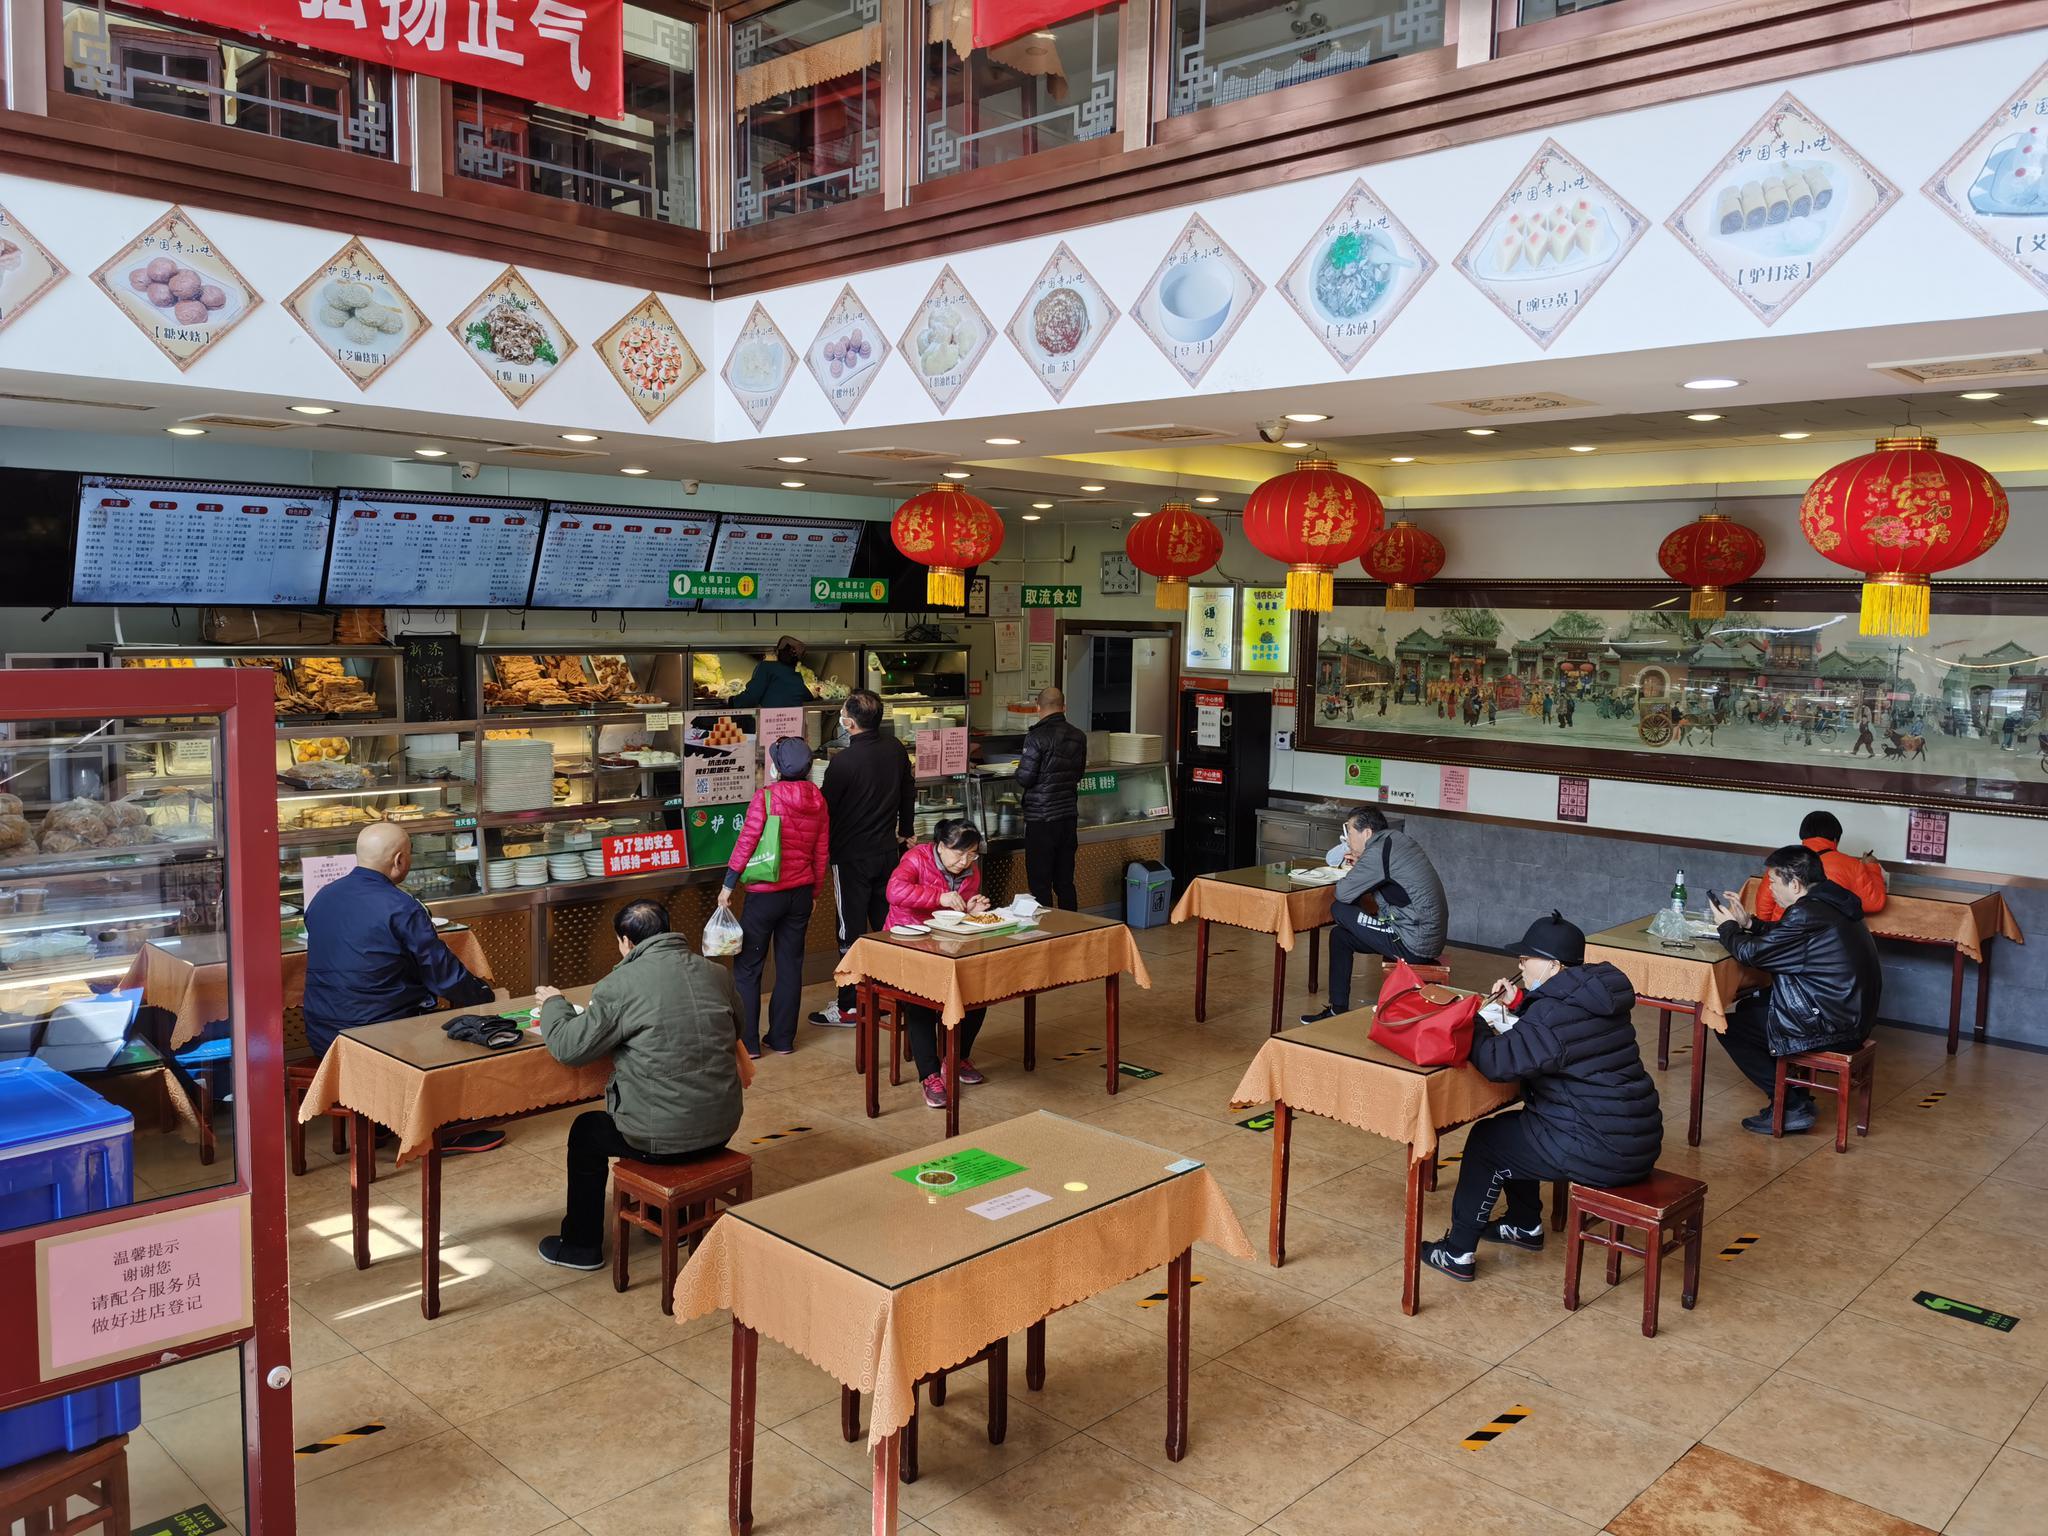 北京多家餐厅恢复堂食,推荐顾客打包带走图片